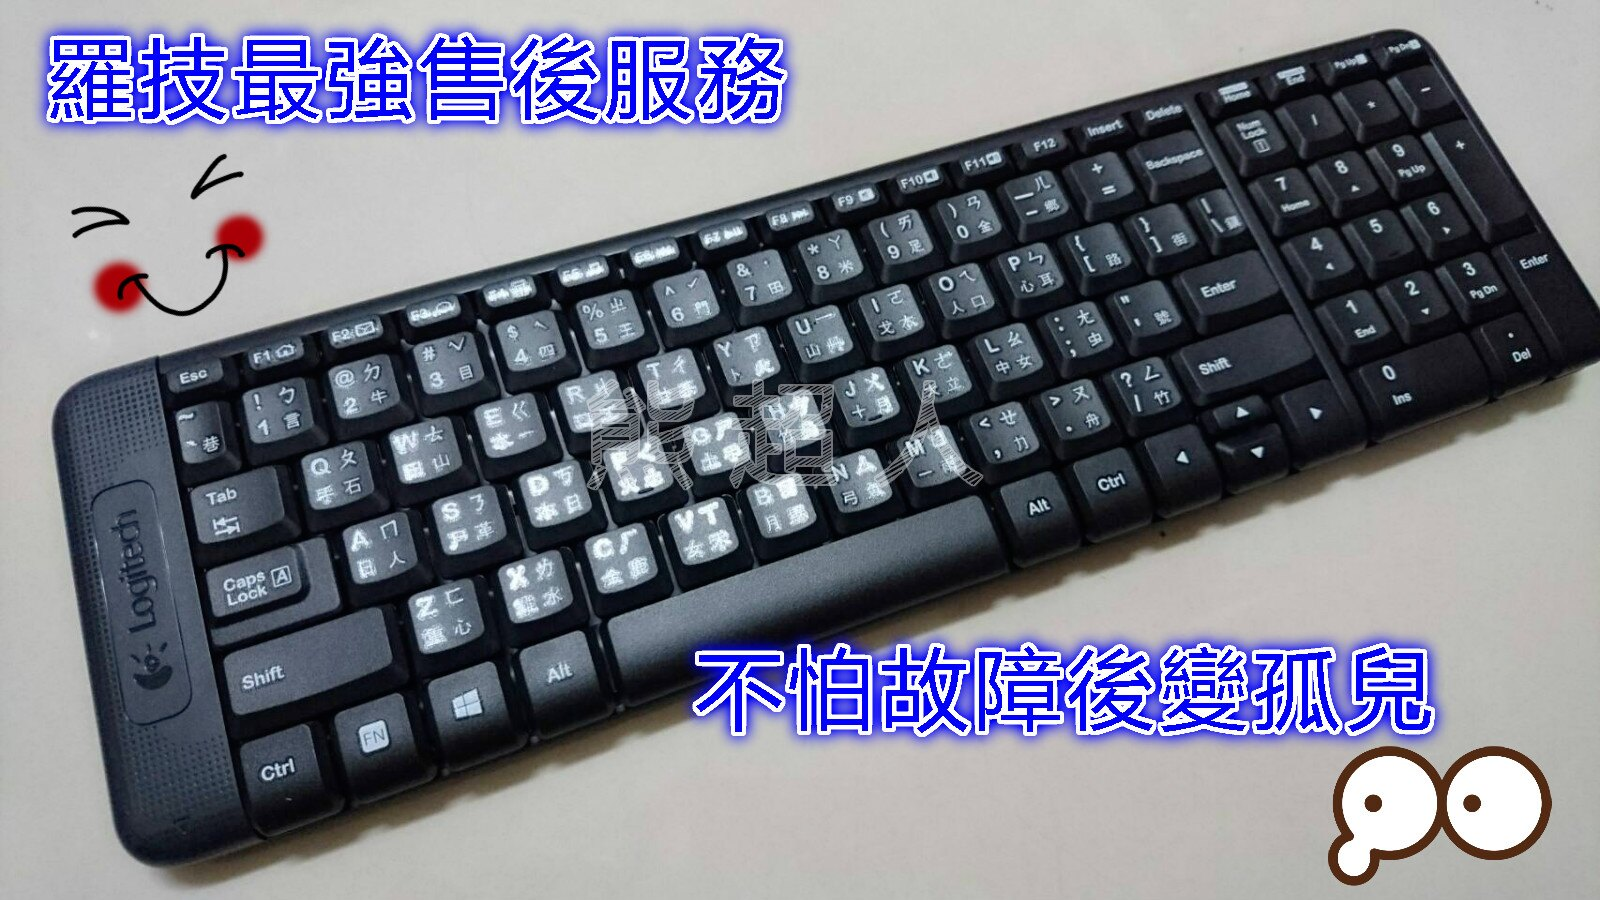 團購價 第一品牌 有注音 mk220 羅技無線鍵盤滑鼠組 電競滑鼠電競鍵盤 桌上型電腦 筆記型電腦 LOL英雄聯盟 7